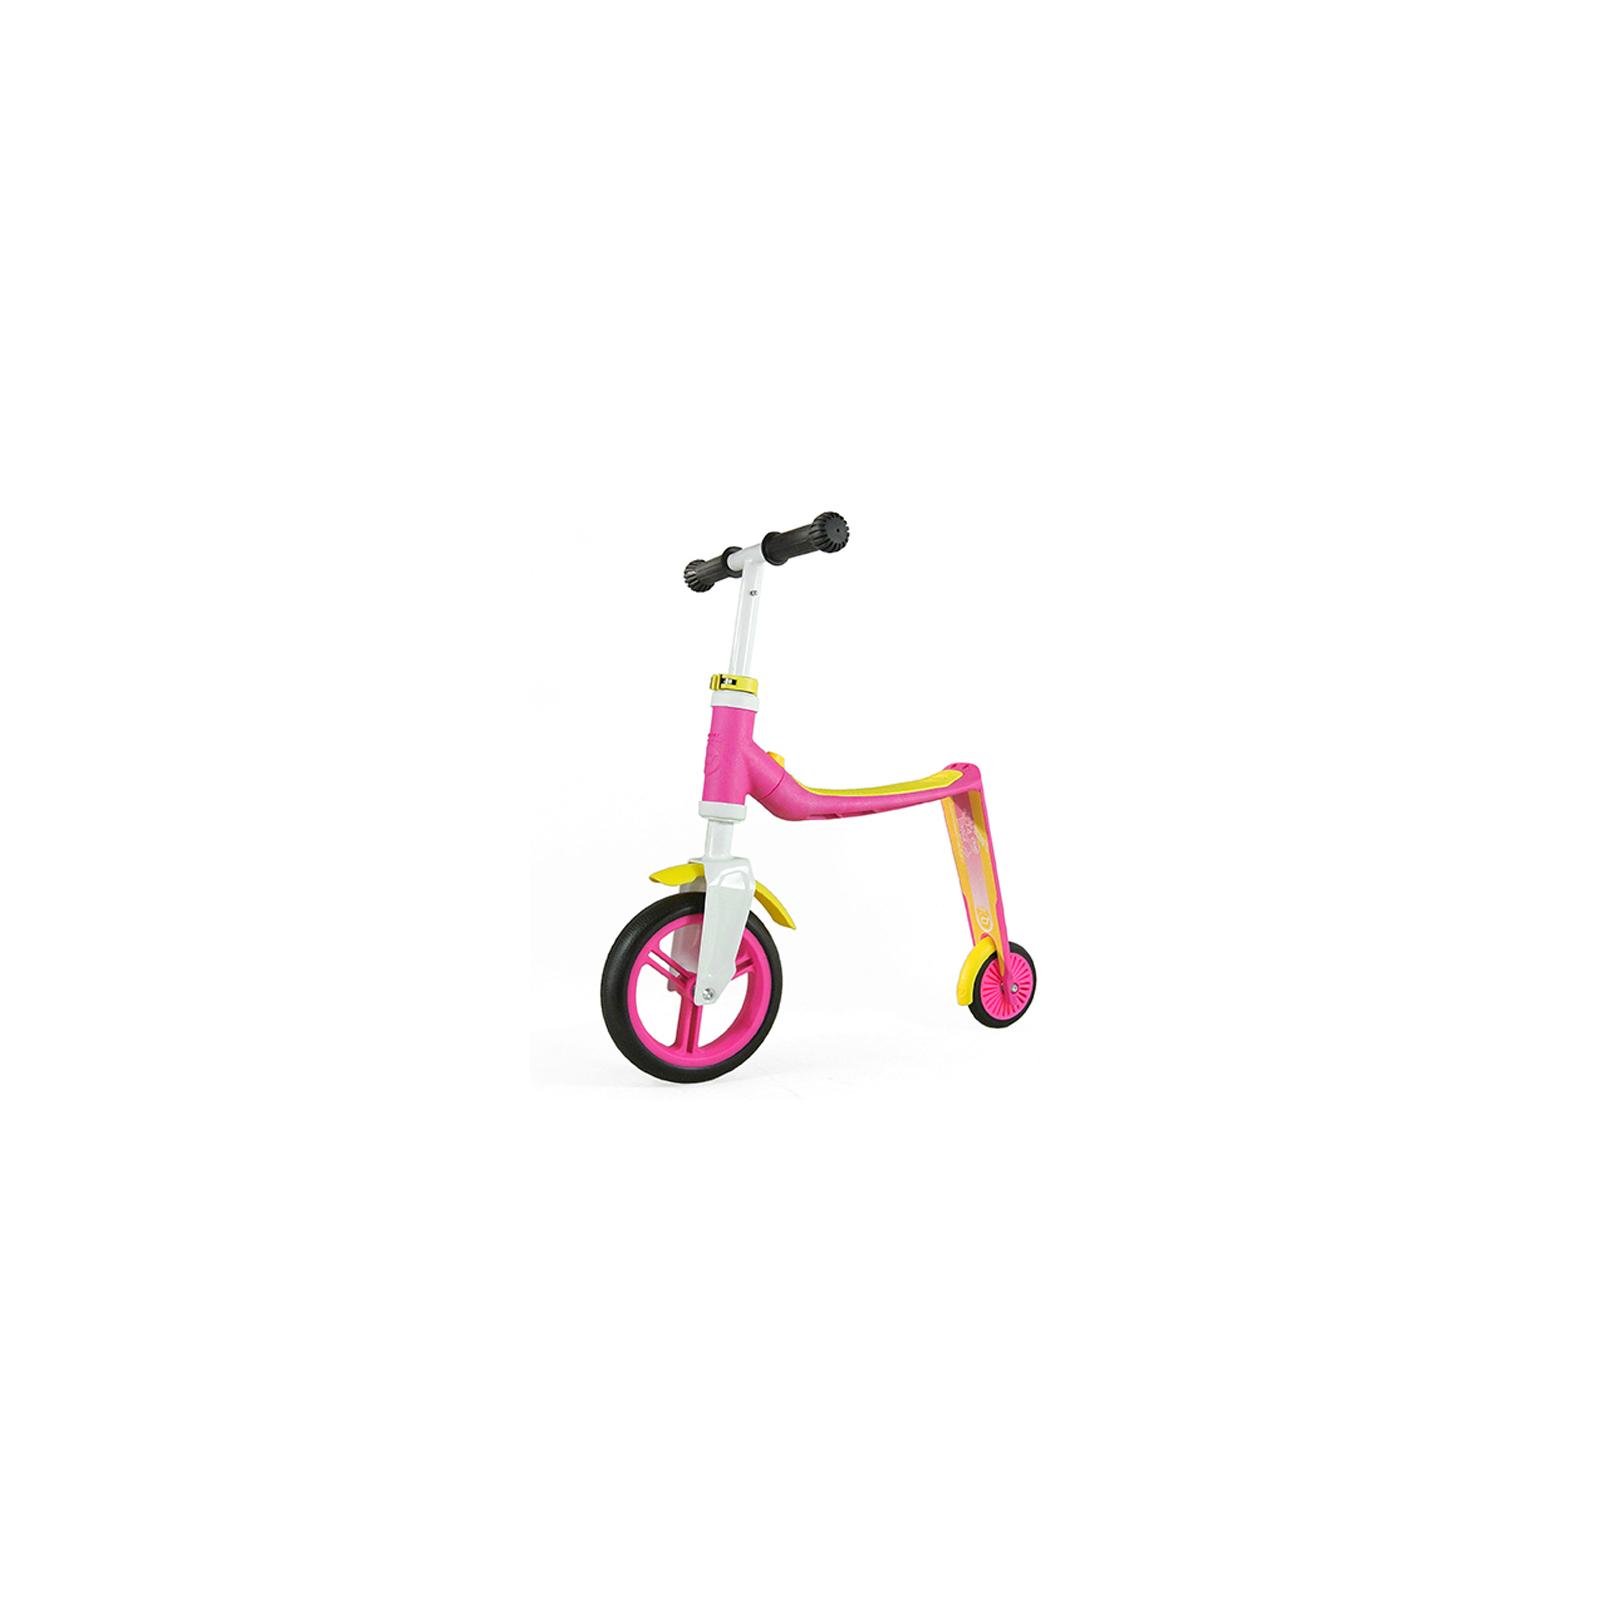 Скутер Scoot&Ride Highwaybaby розово-желтый (SR-216271-PINK-YELLOW) изображение 4